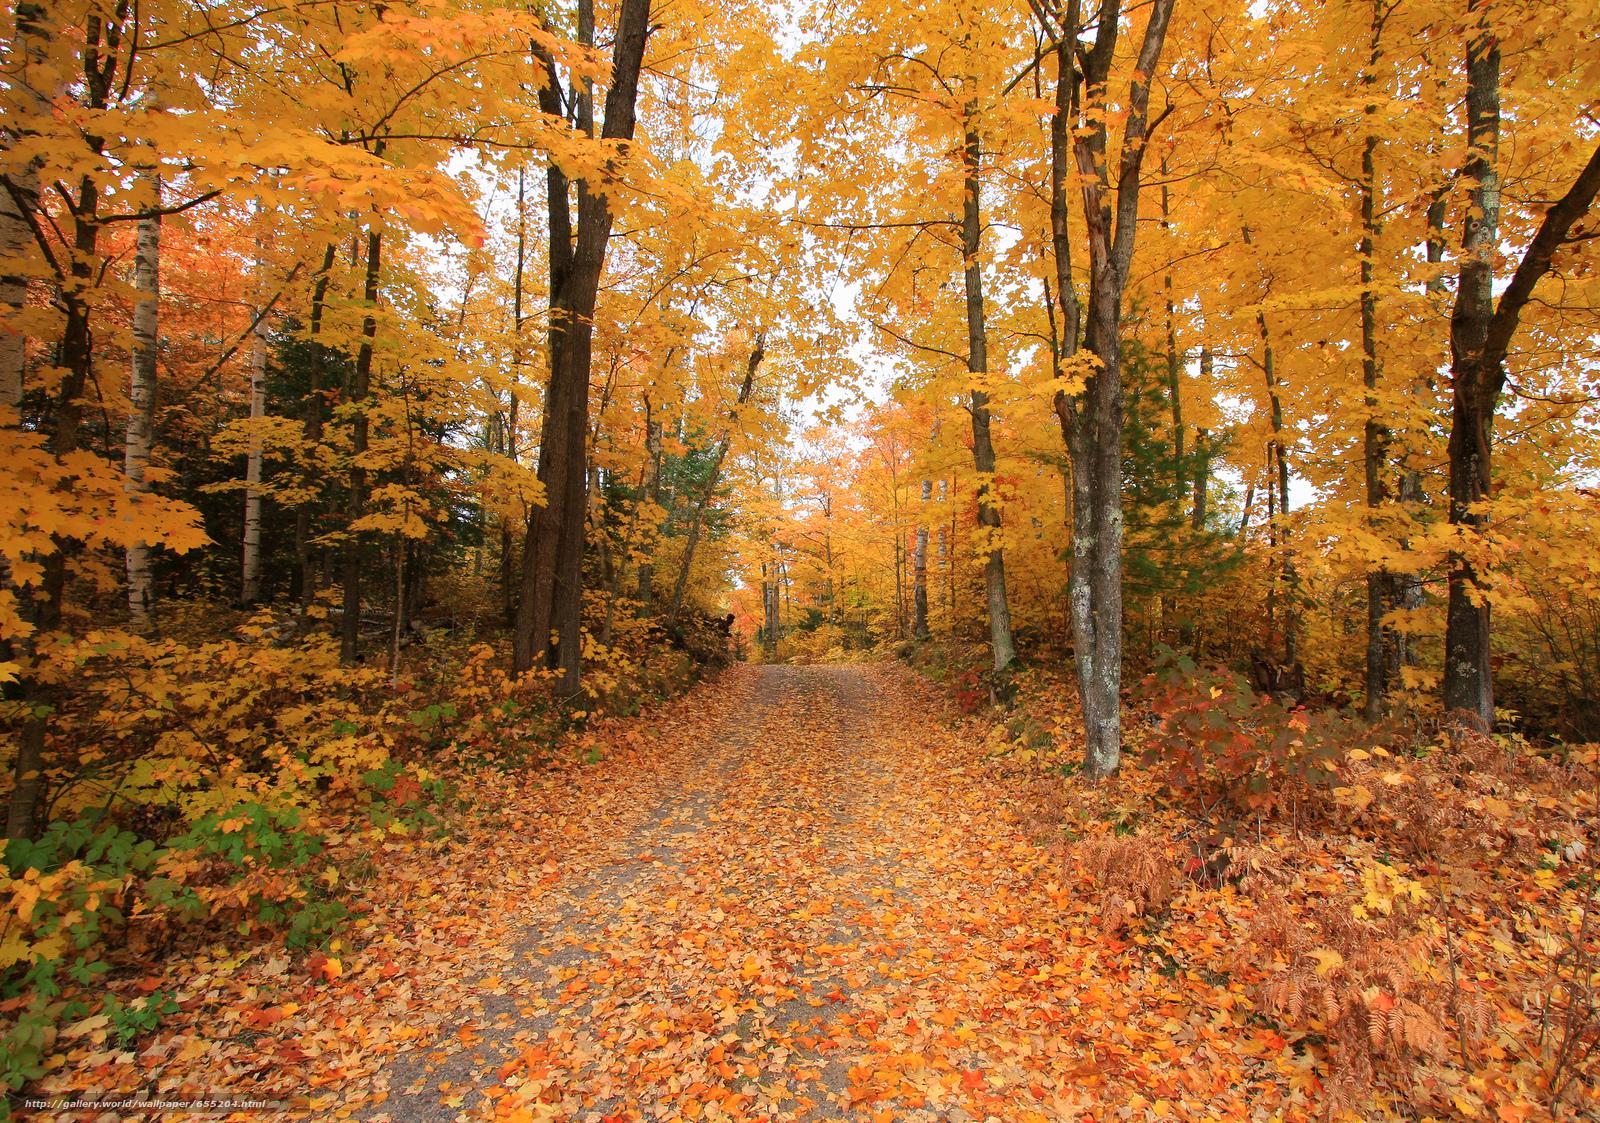 壁紙をダウンロード 秋,  道路,  森,  木 デスクトップの解像度のための無料壁紙 2048x1438 — 絵 №655204